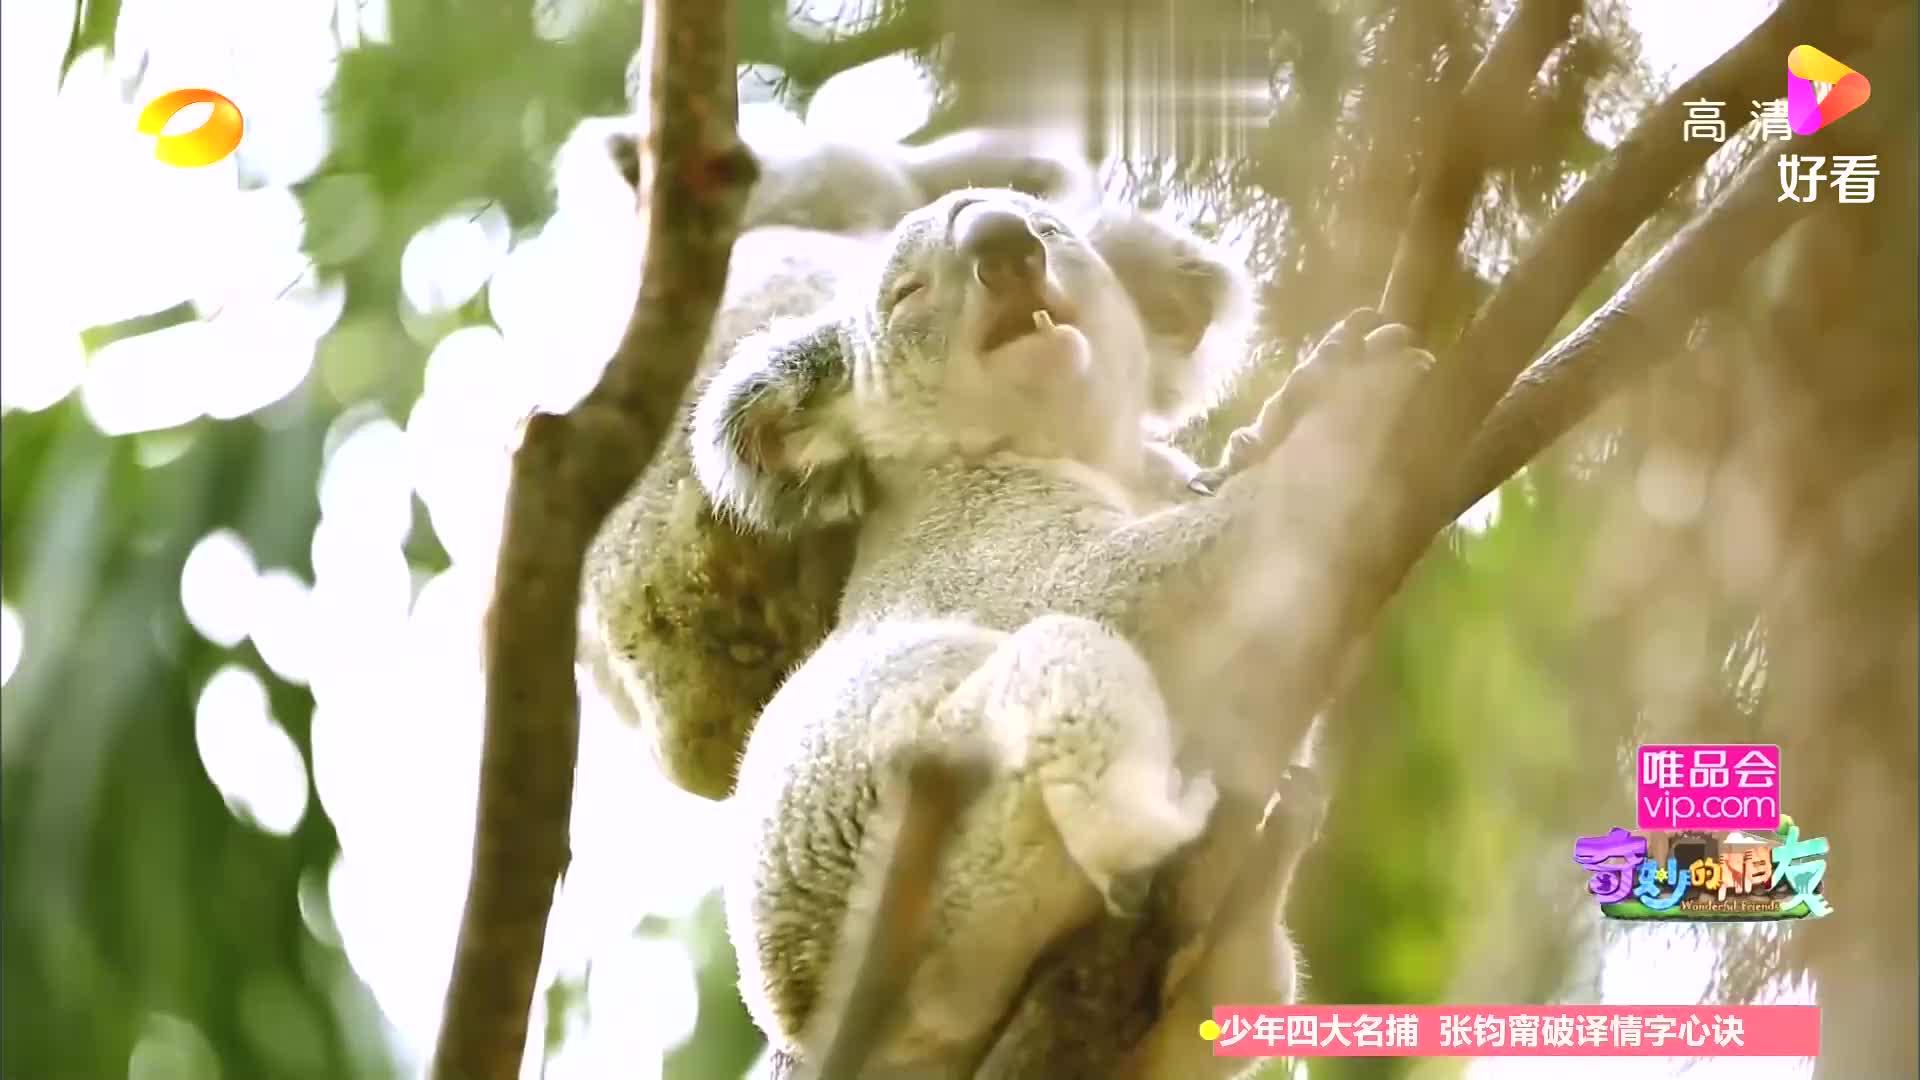 杜海涛觉得袋鼠不和同类亲近的原因是它以为自己是人丨奇妙的朋友